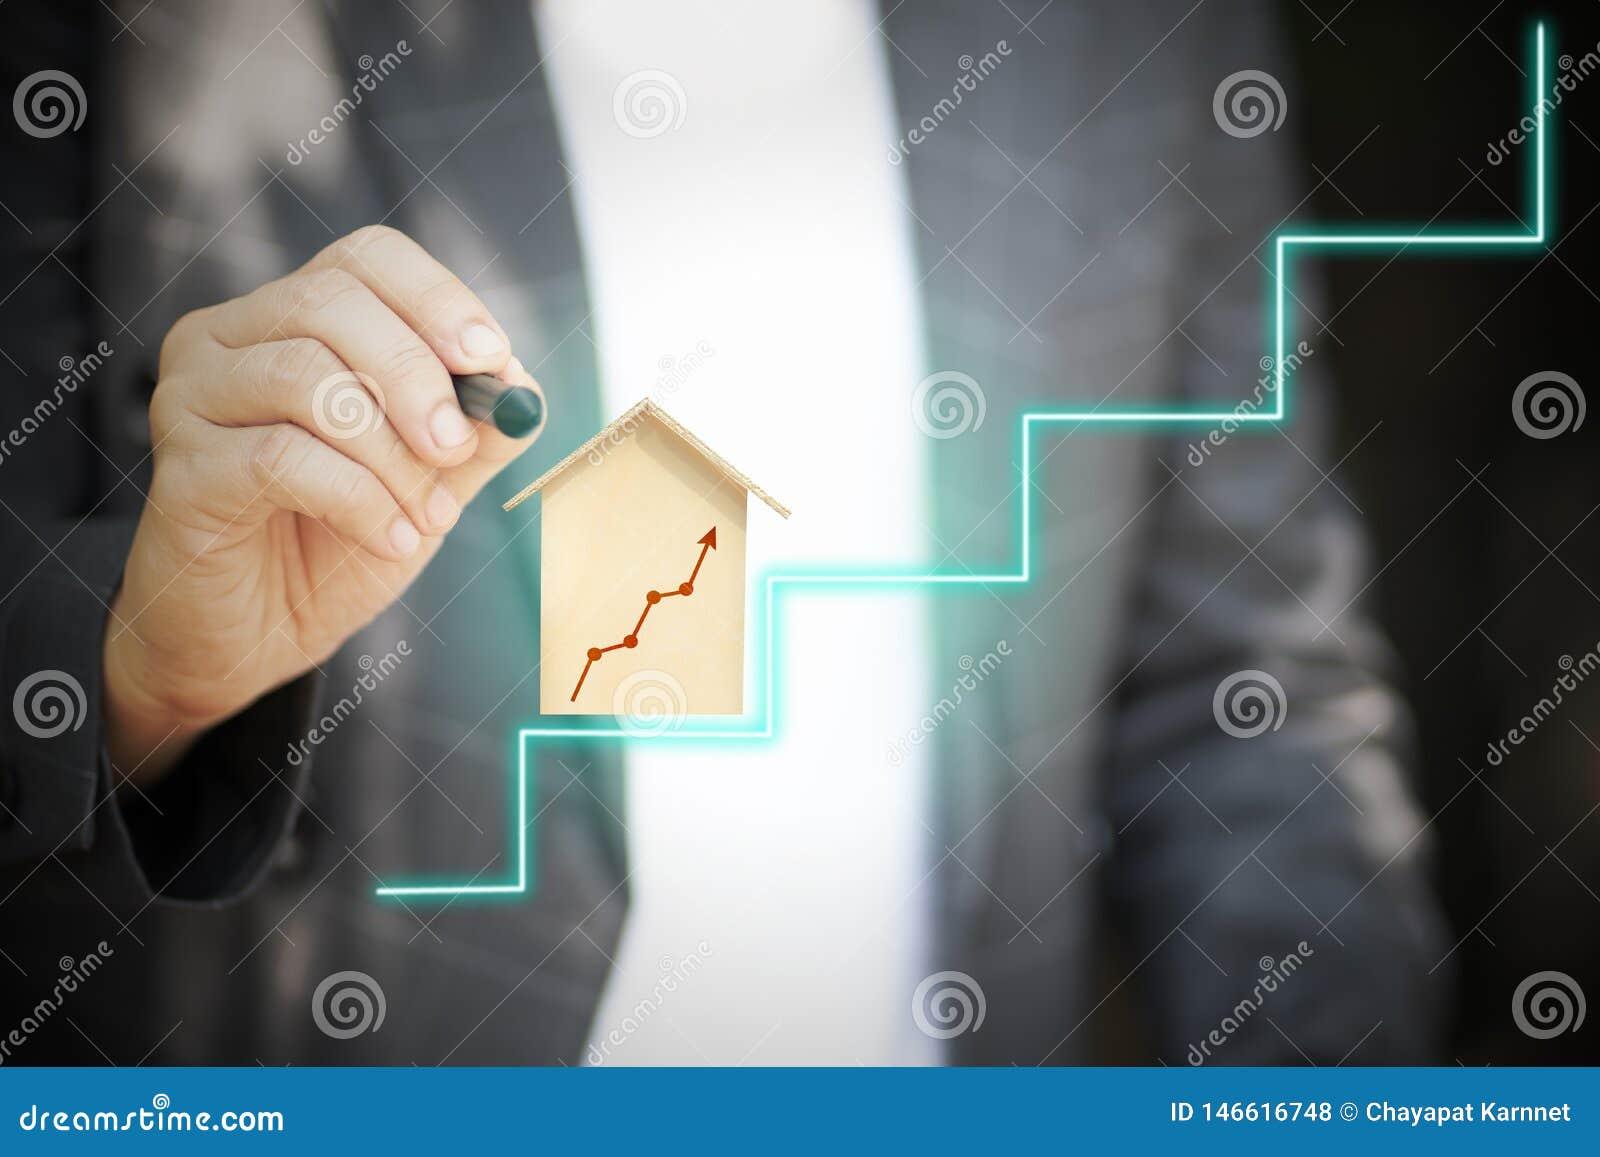 先进的通信使交易容易对社会网络系统